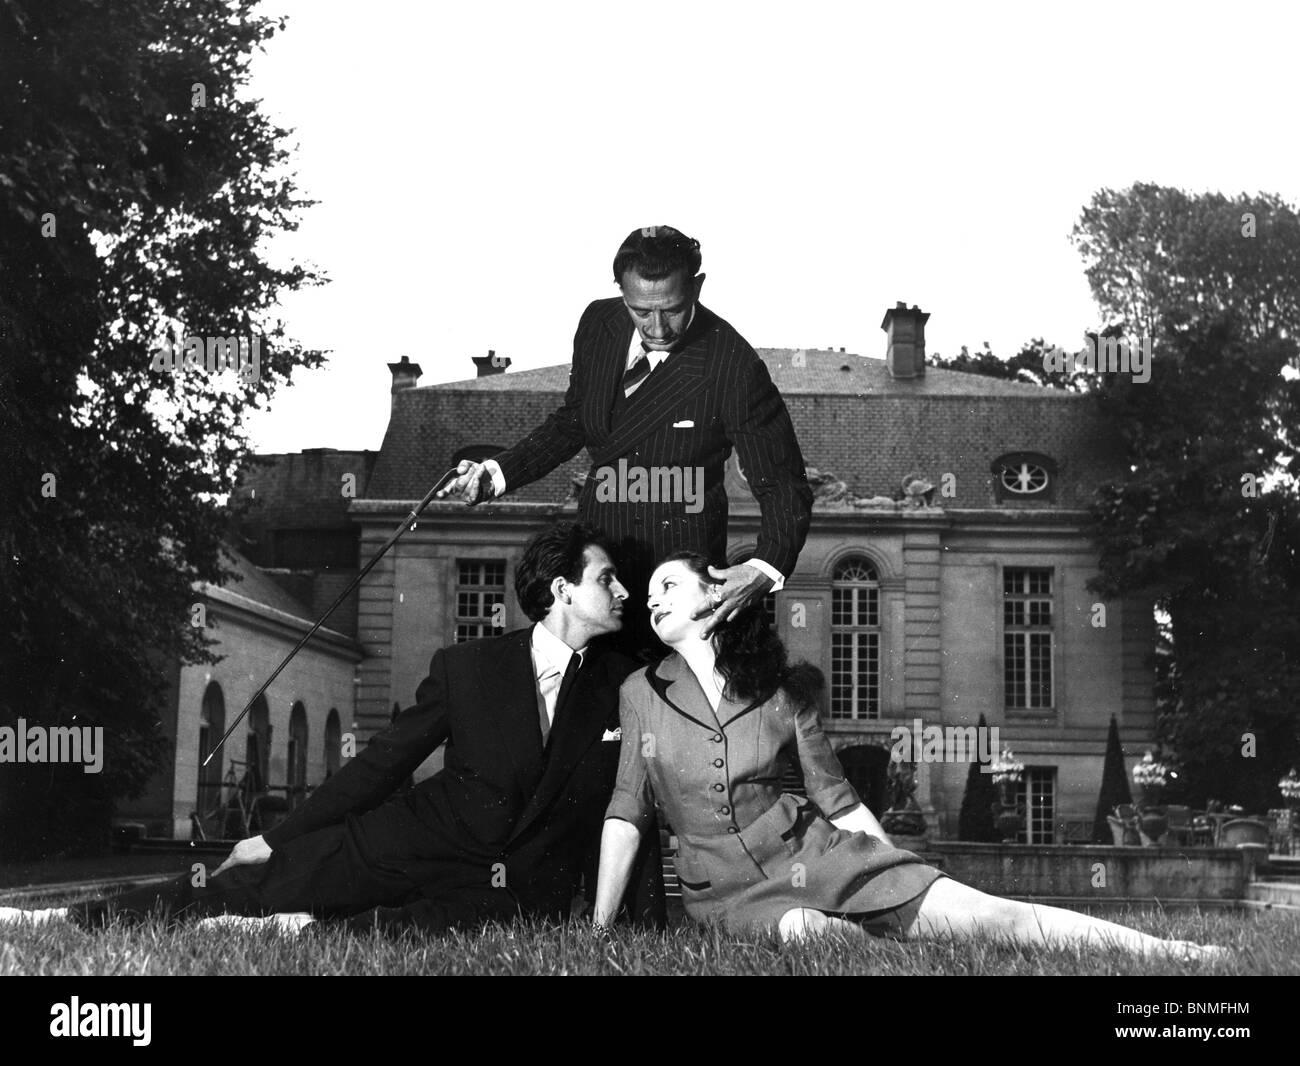 SALVADOR DALI (1984-1989) artiste espagnol avec des danseurs de ballet Jean Guelis et Janine Monin Banque D'Images